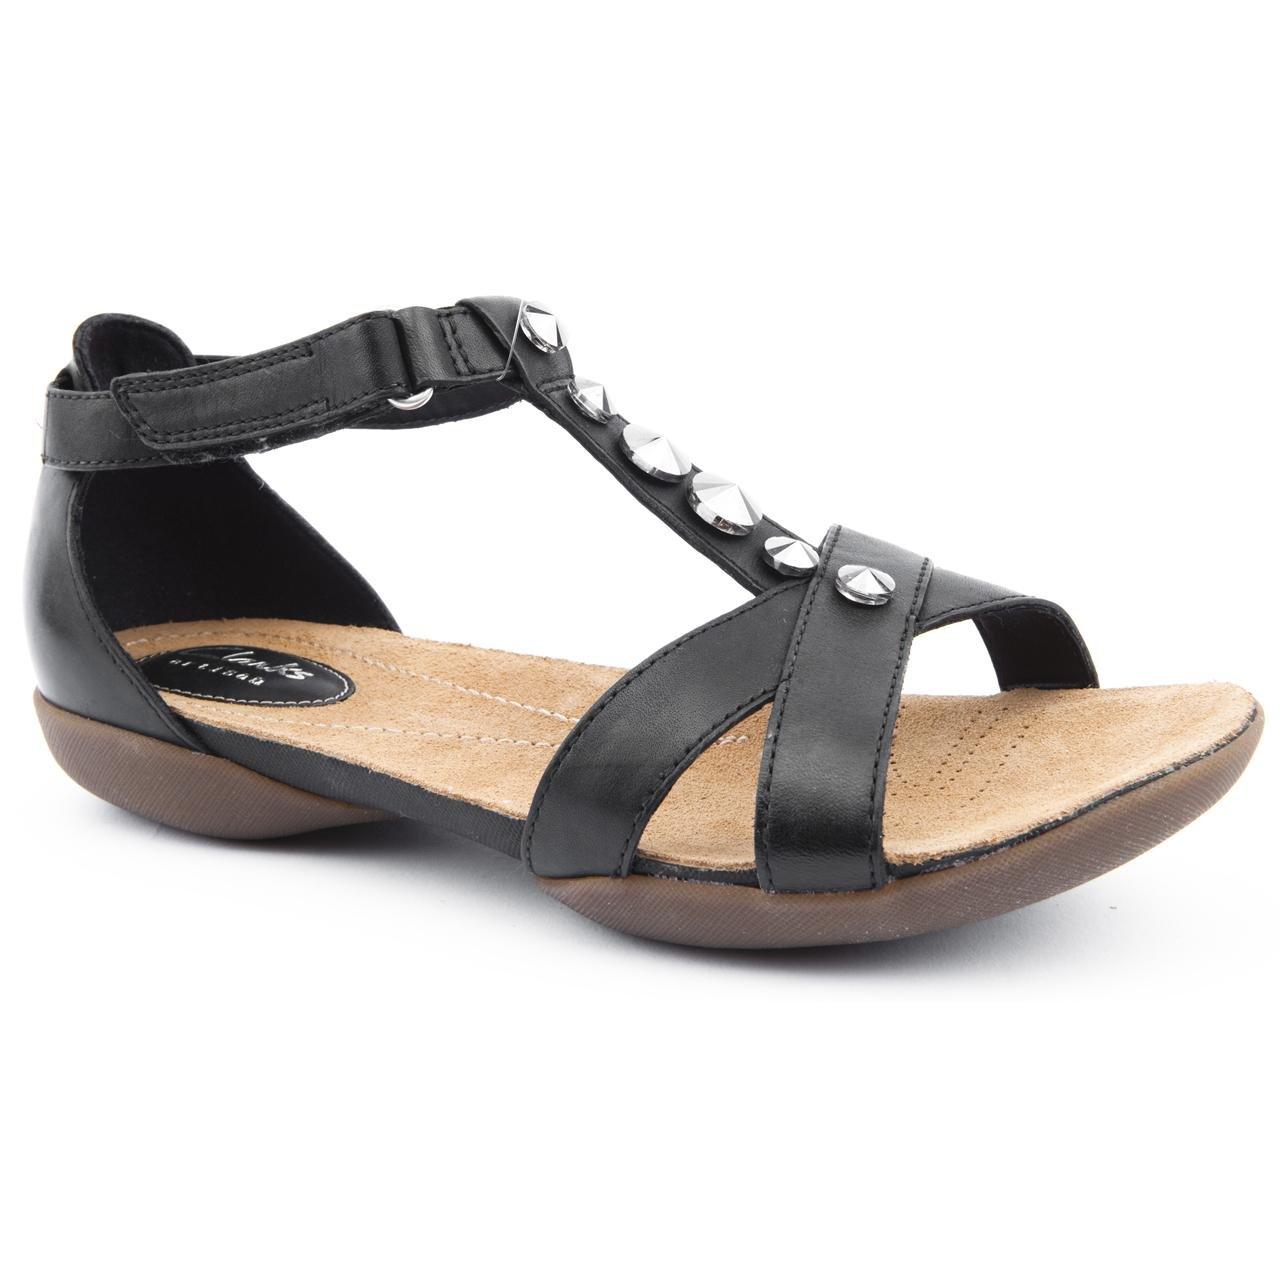 cf3b1d5f3269e8 Clarks Ladies Raffi Scent Black Casual Sandals Size 8  Amazon.co.uk  Shoes    Bags